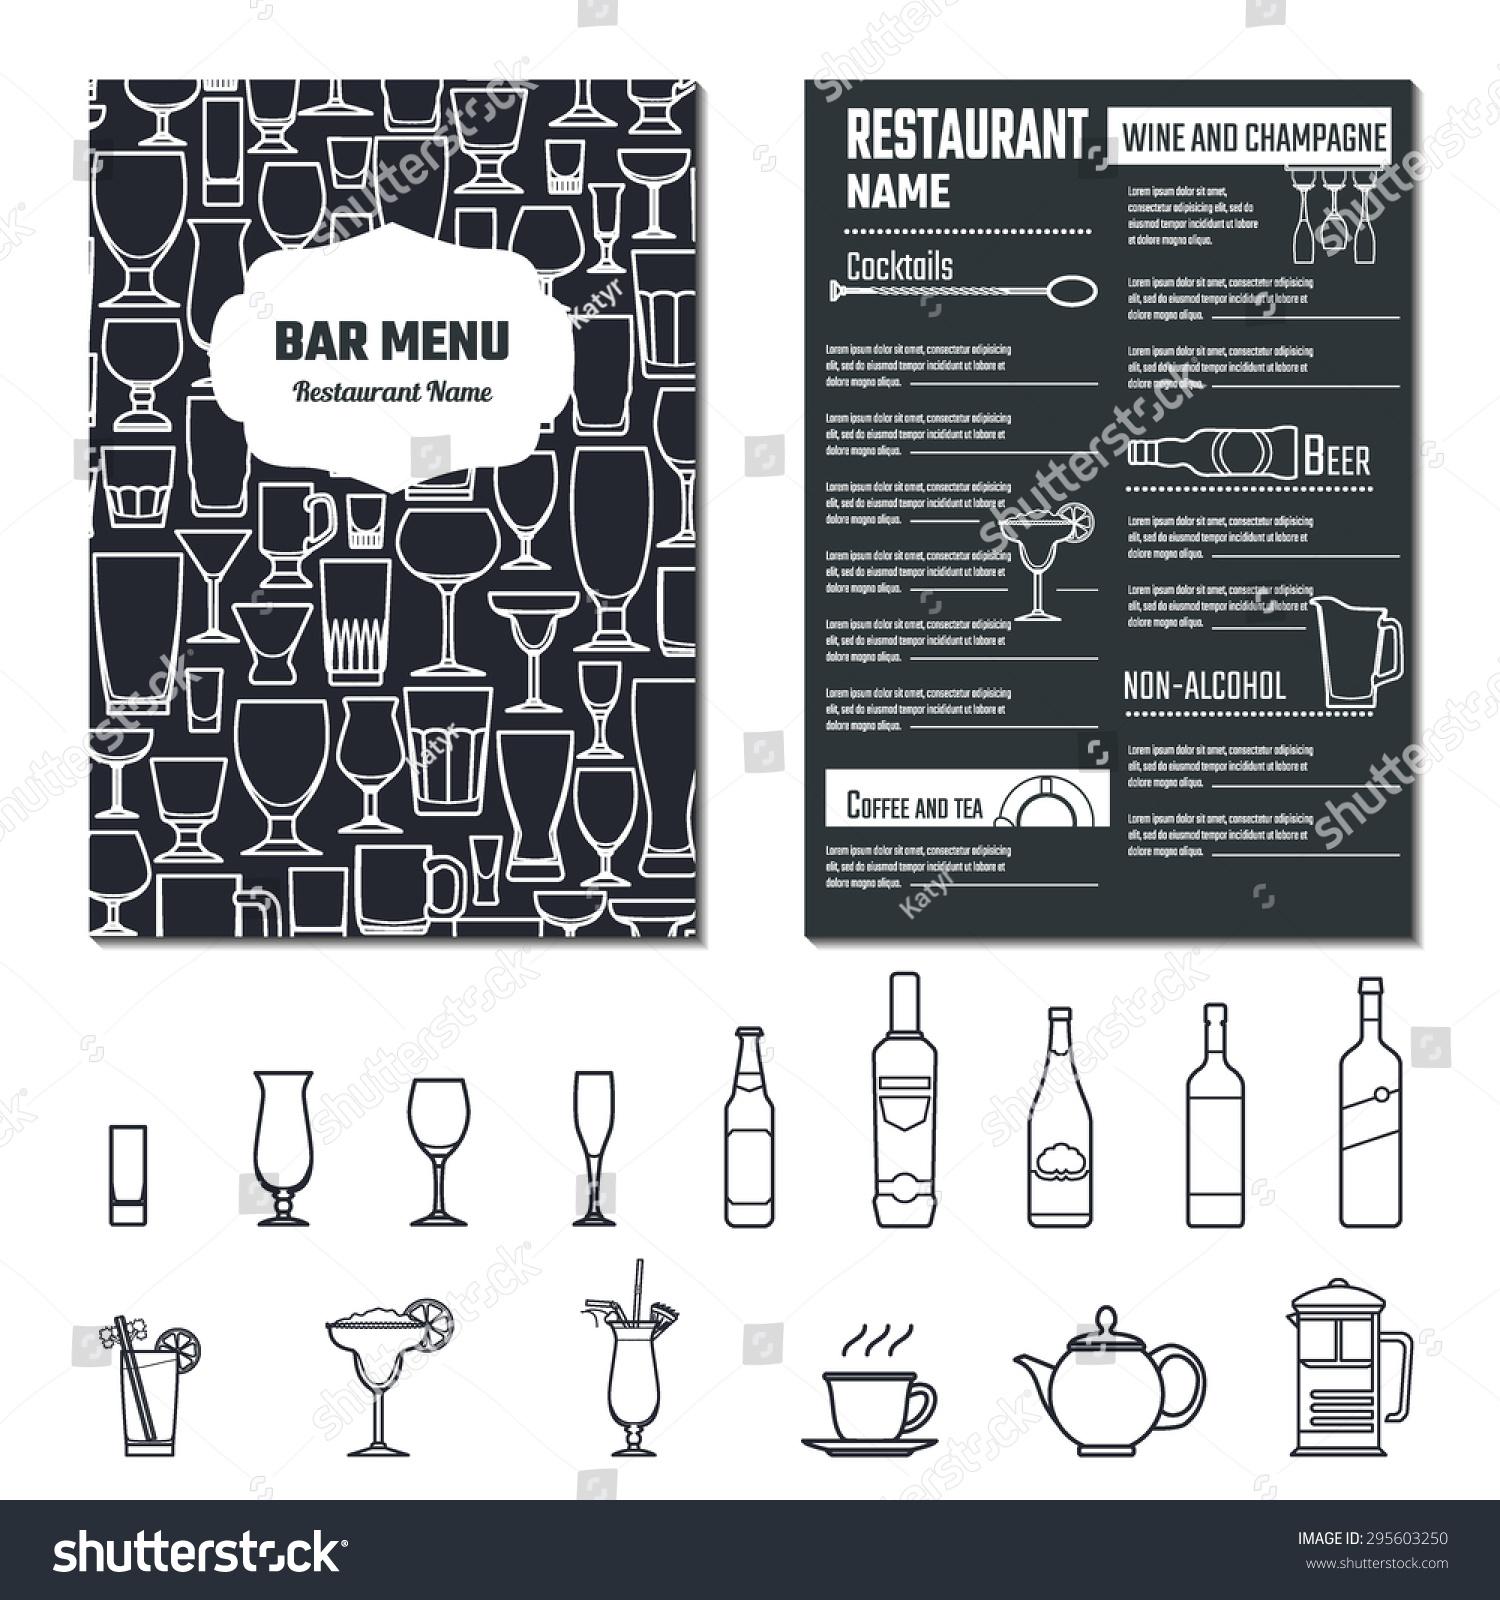 Vector illustration of drinks menu for design website